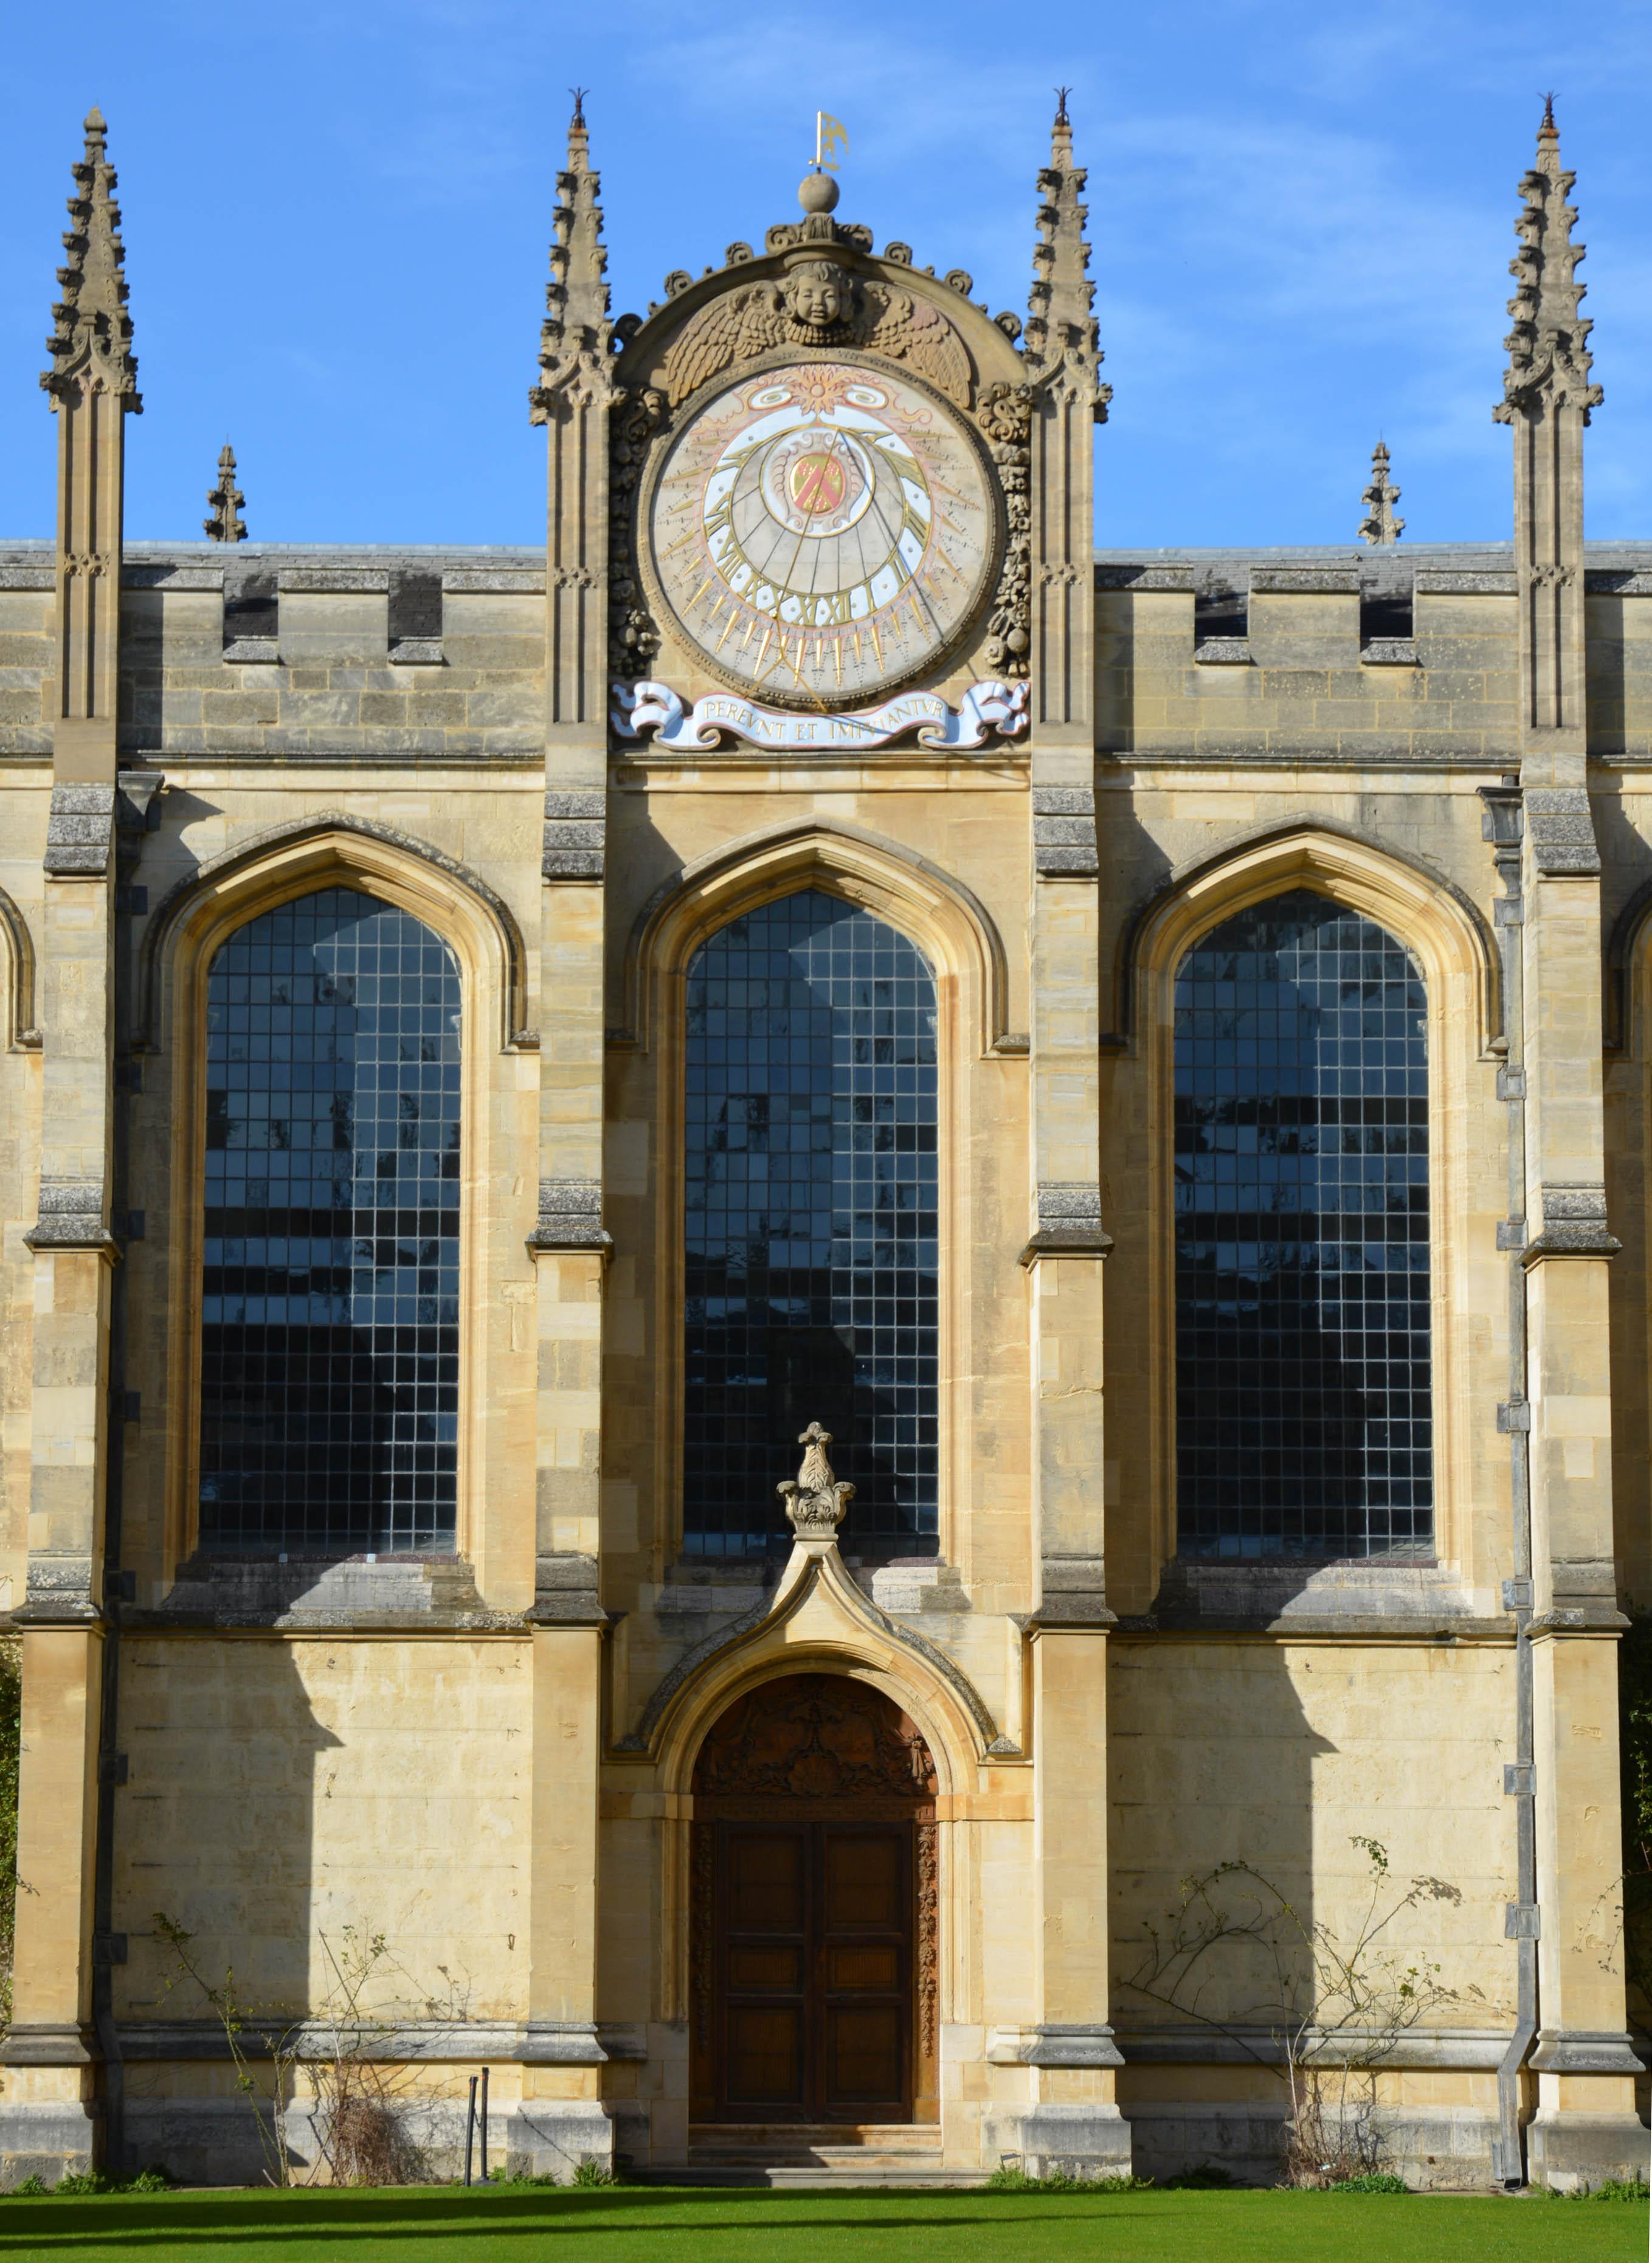 Wren sundial - All Souls College